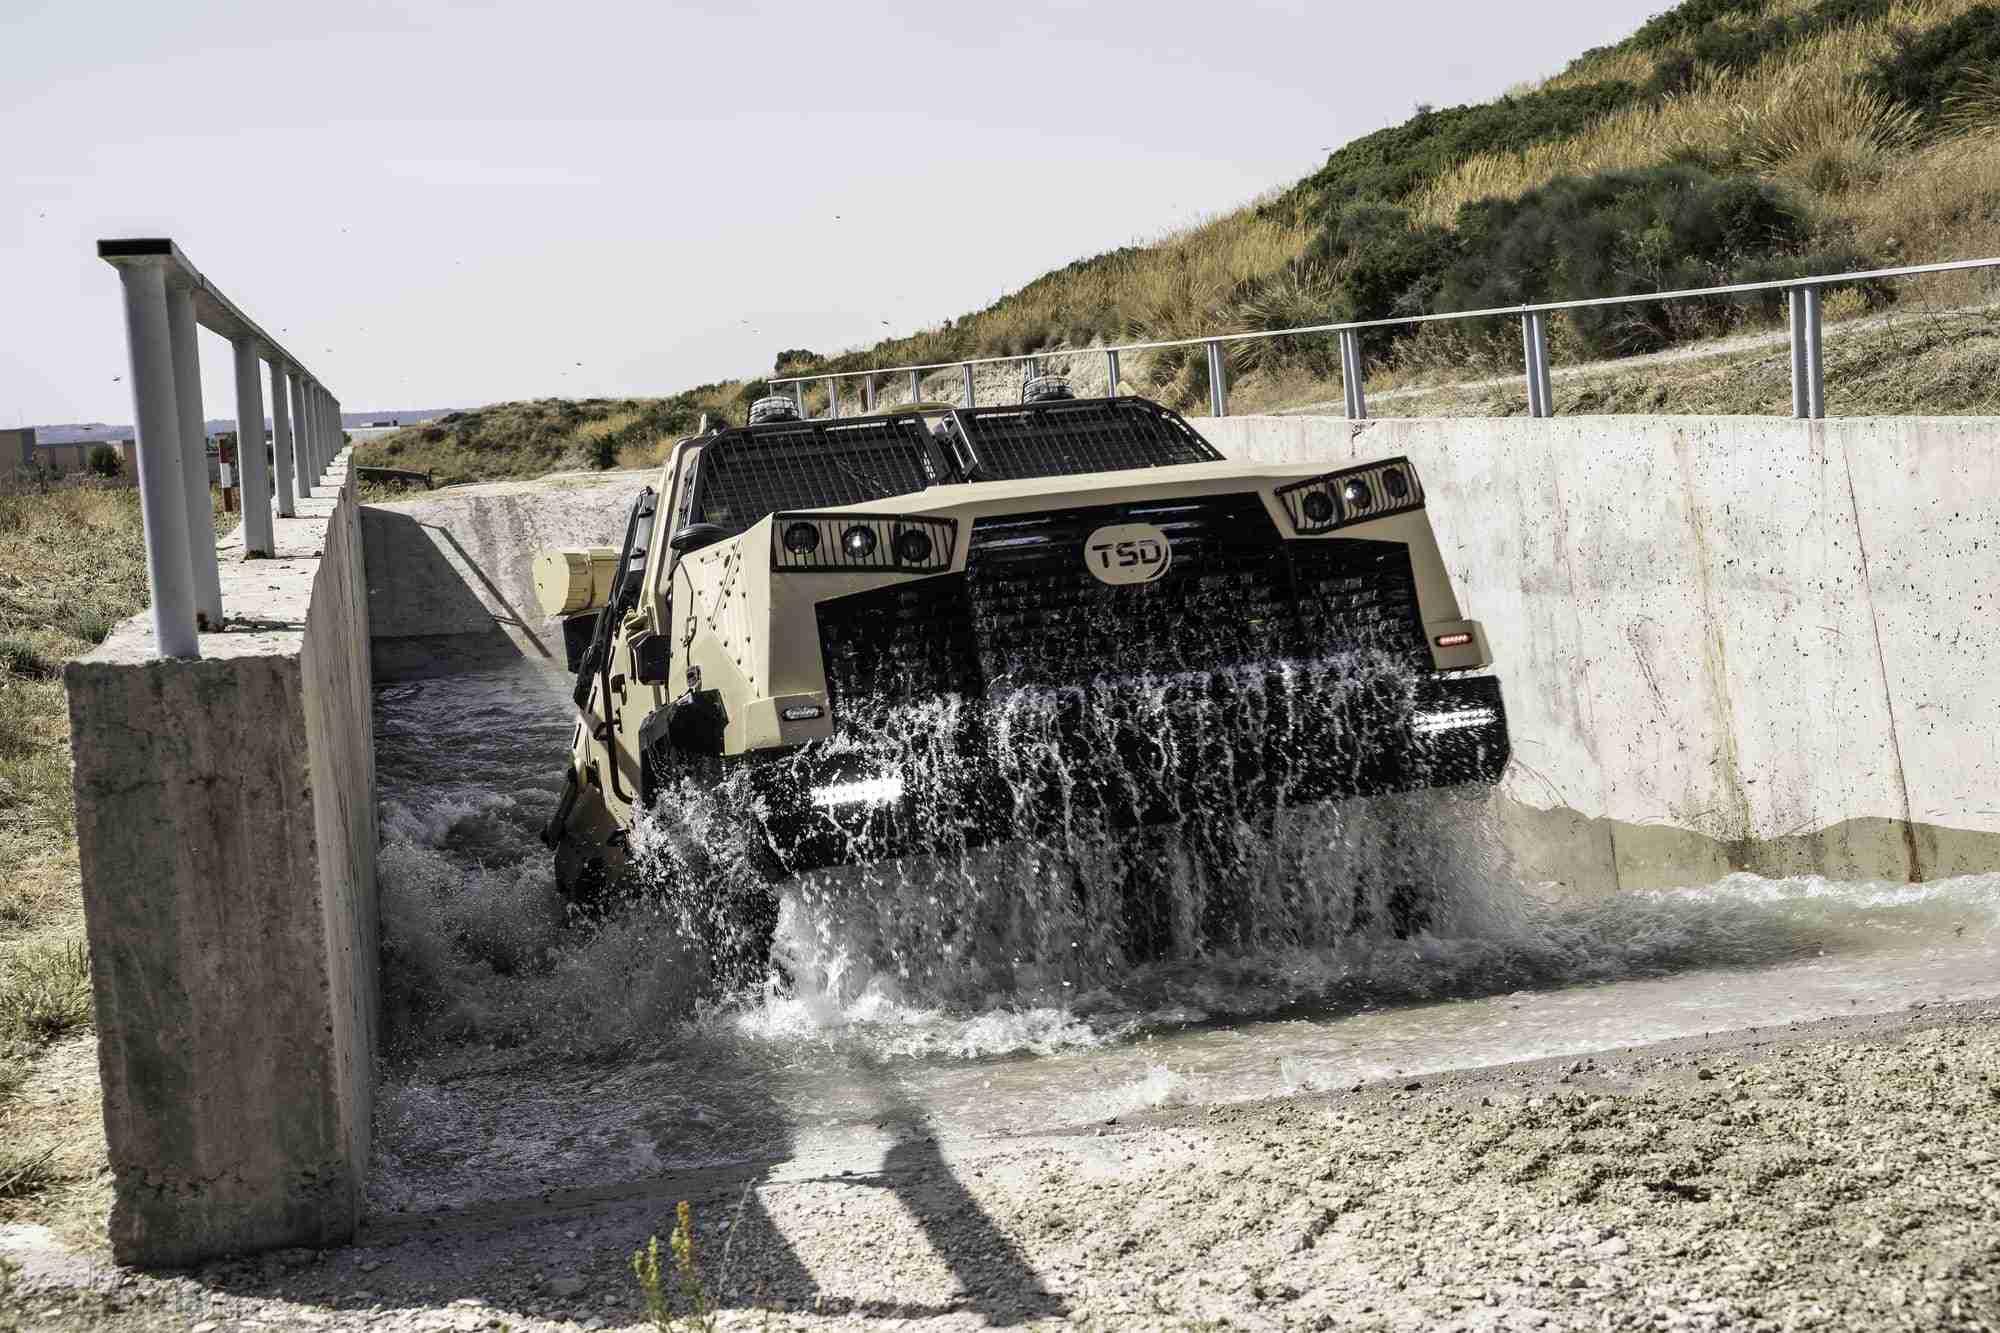 TSD presenta IBERO, un vehículo táctico multipropósito, con adaptabilidad y versatilidad 25